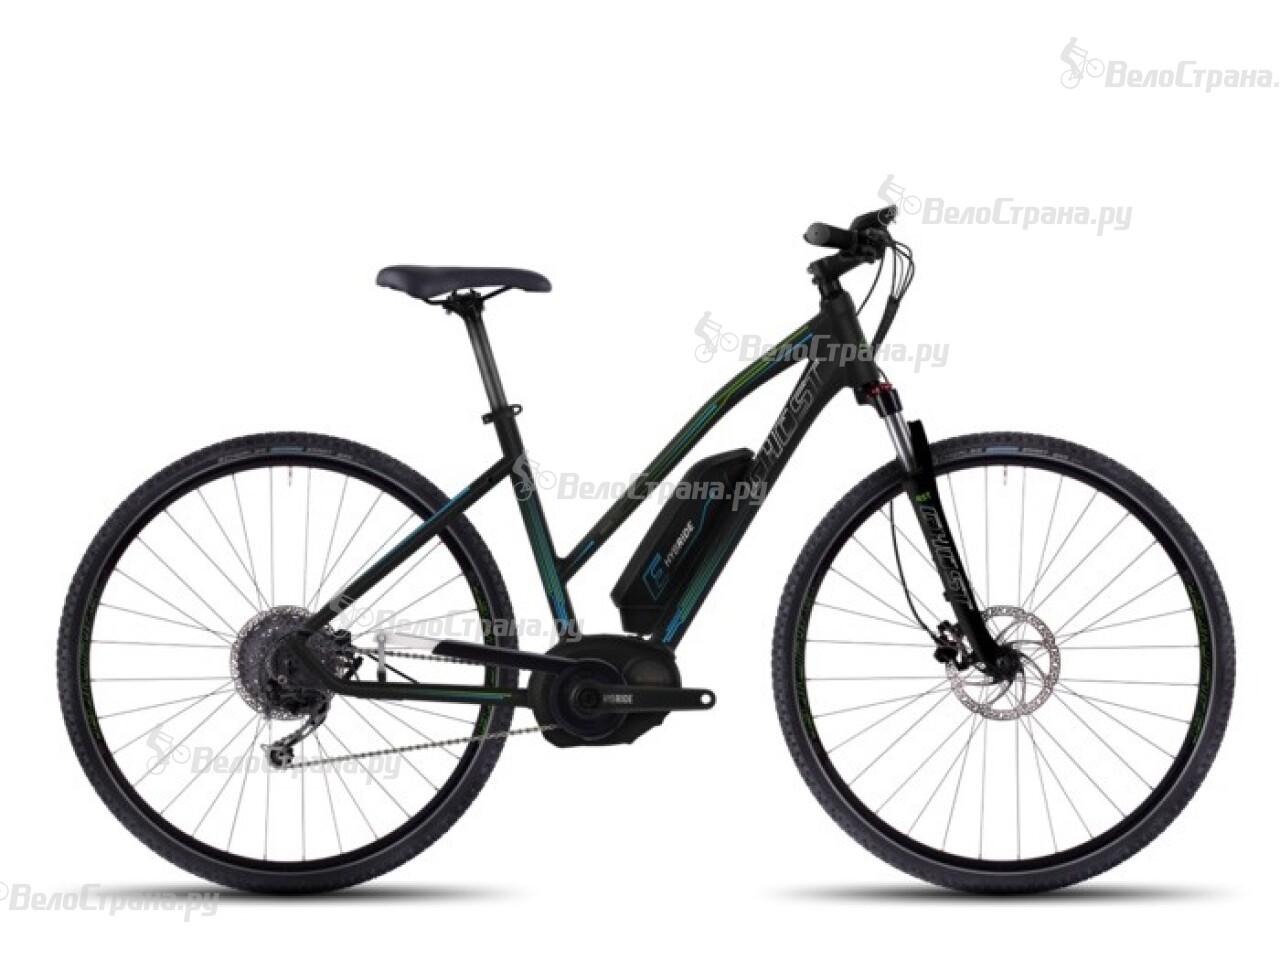 цена на Велосипед Ghost Andasol Cross 7 Miss (2016)